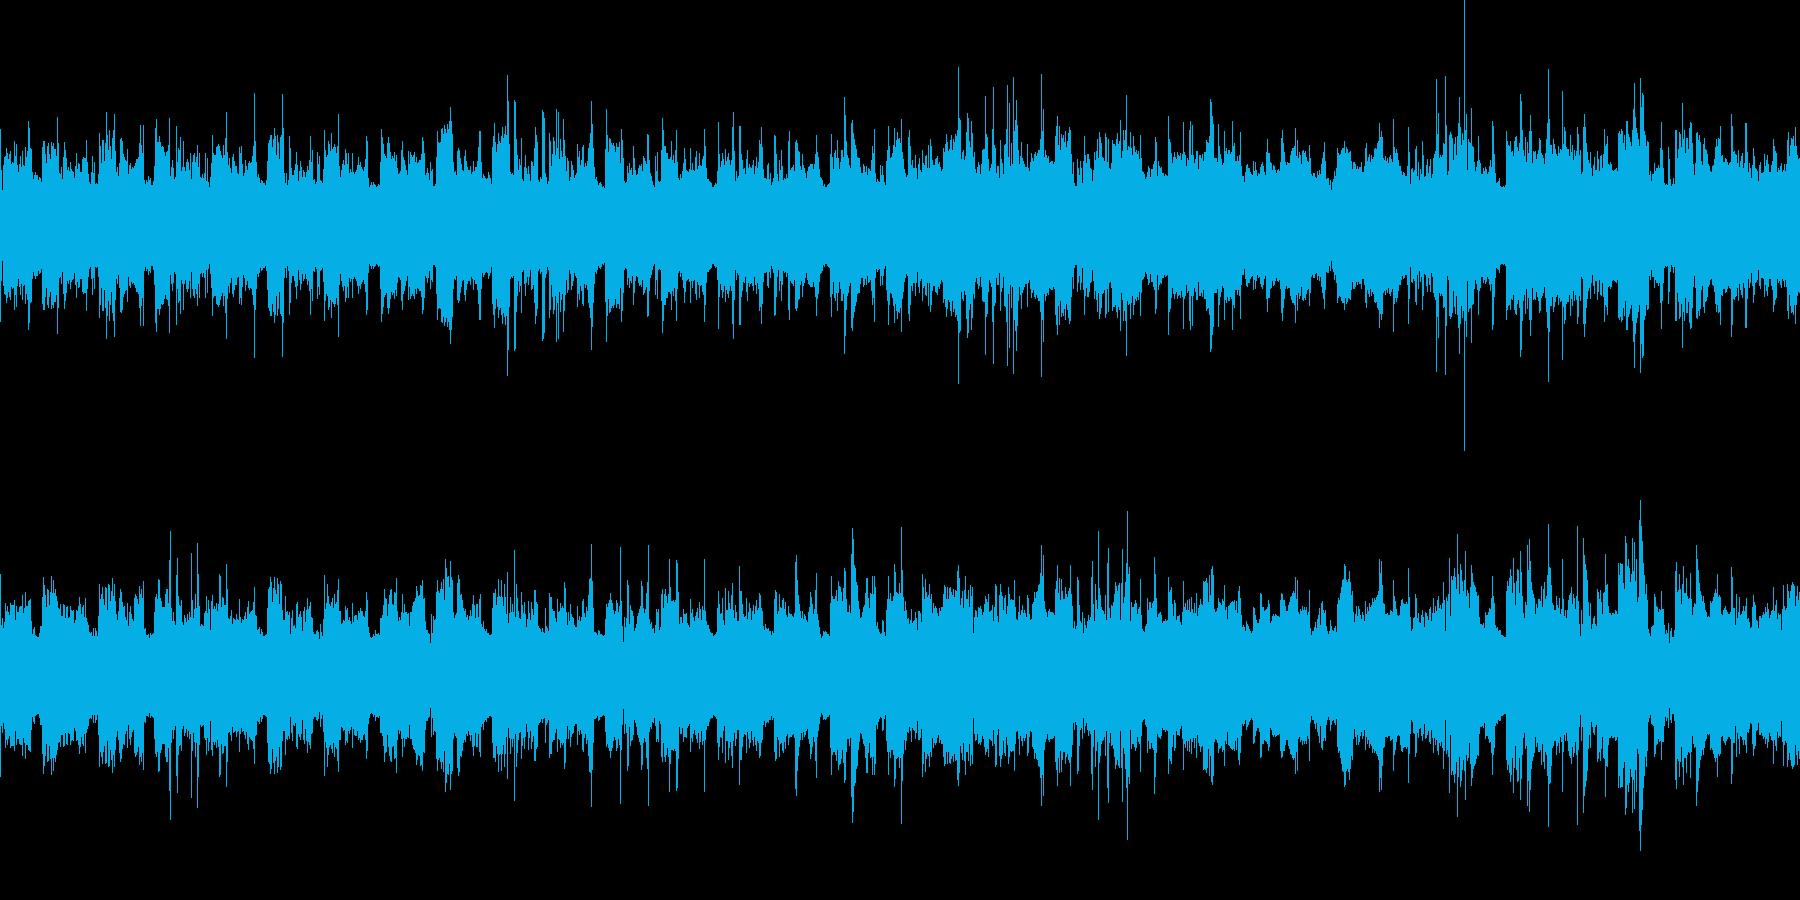 奇妙で不思議に迷い込んでいくようなBGMの再生済みの波形